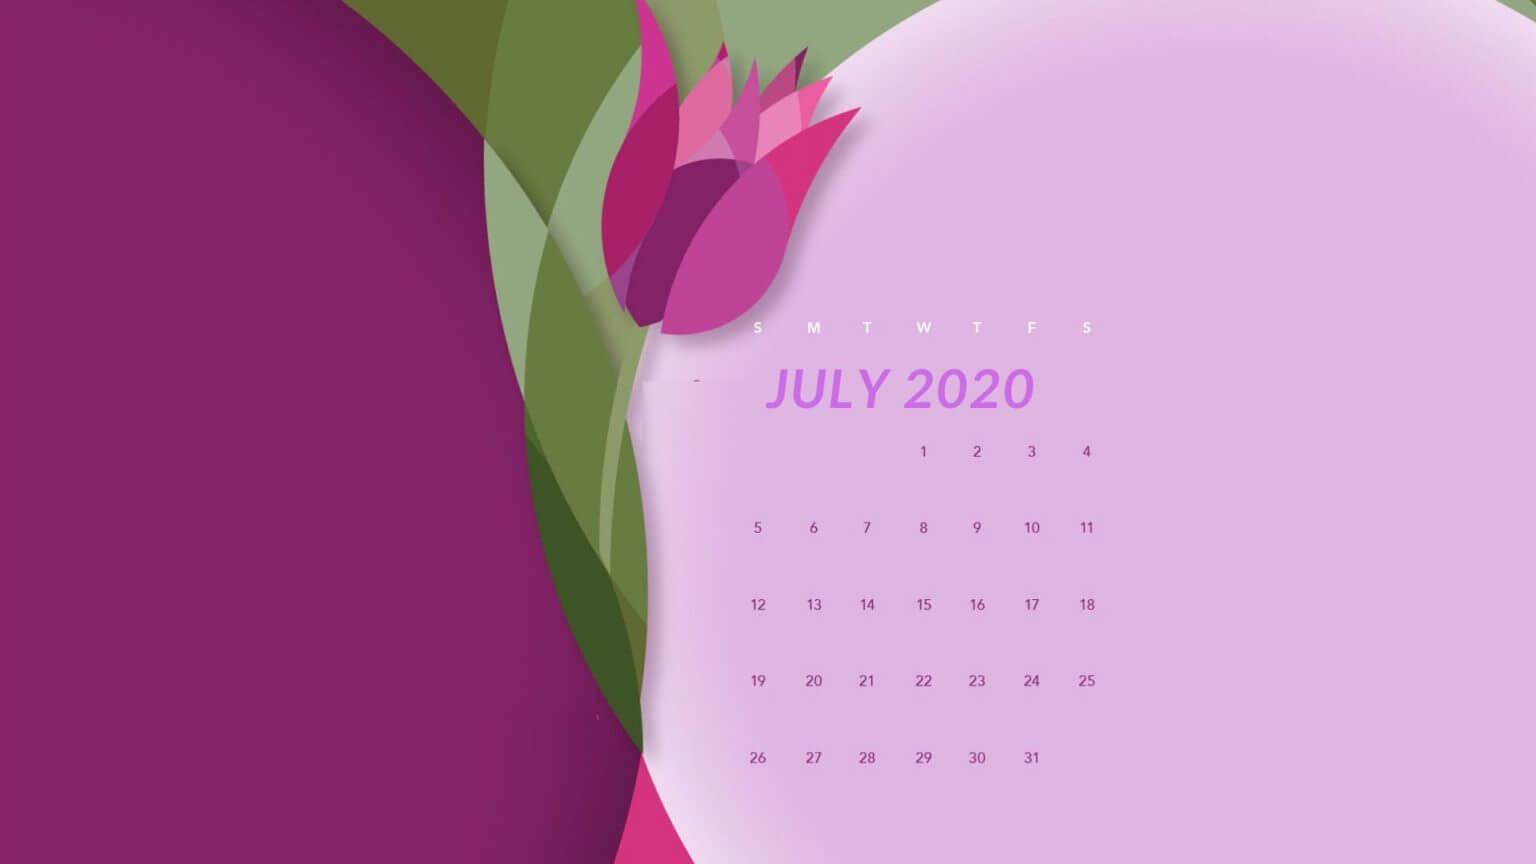 July 2020 Flower Calendar Wallpaper